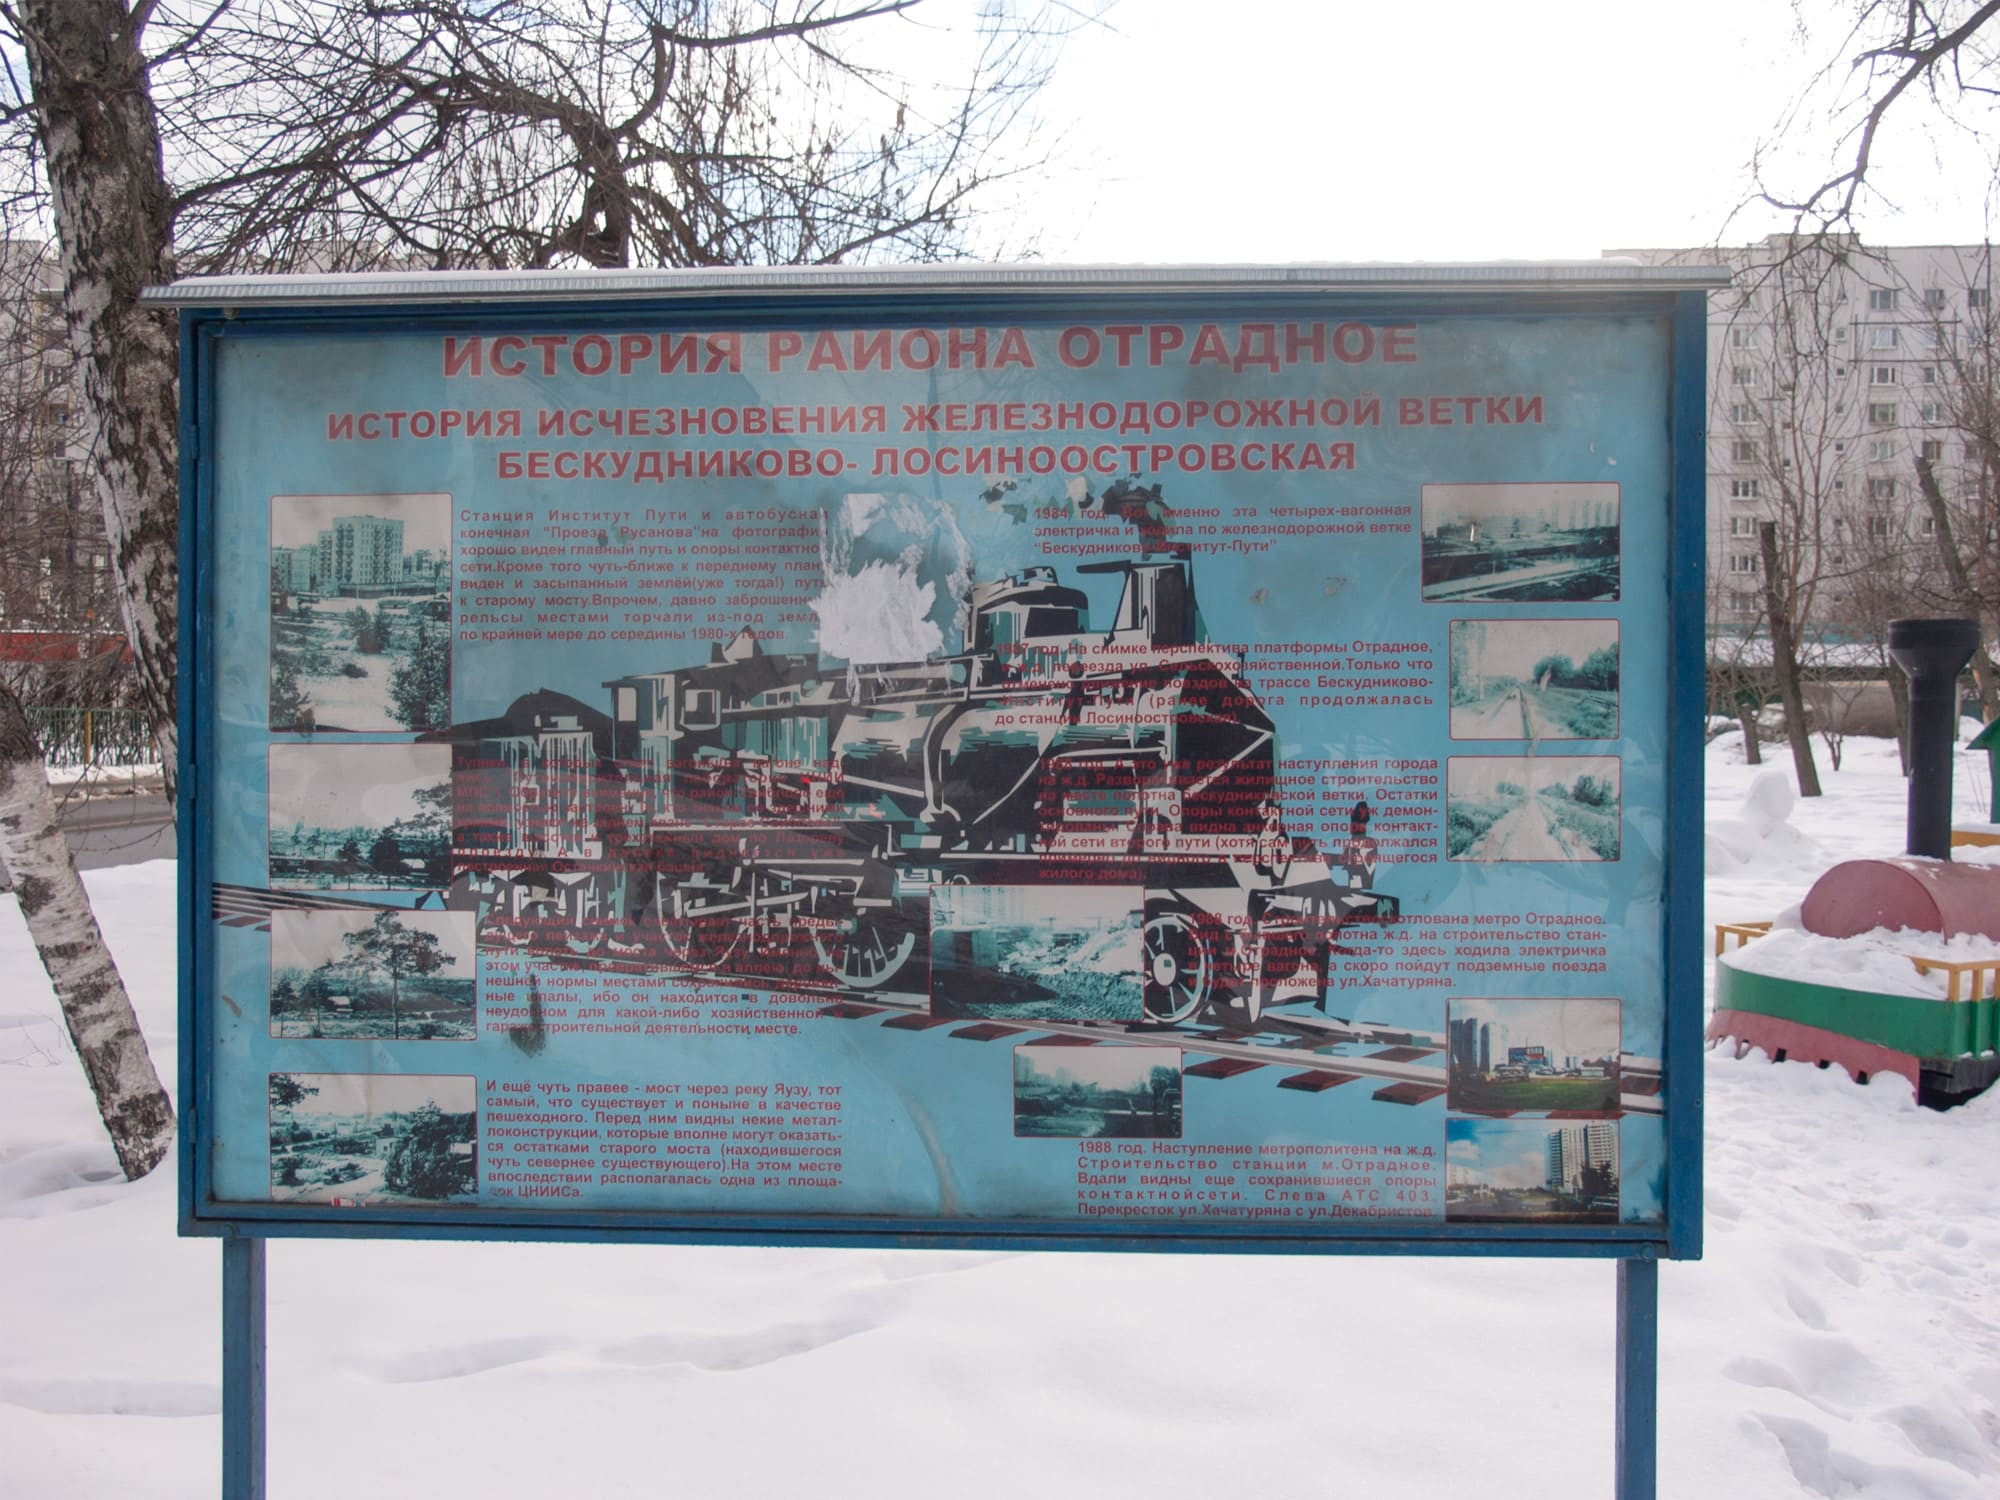 Стенд с информацией о Бескудниковской железнодорожной ветке